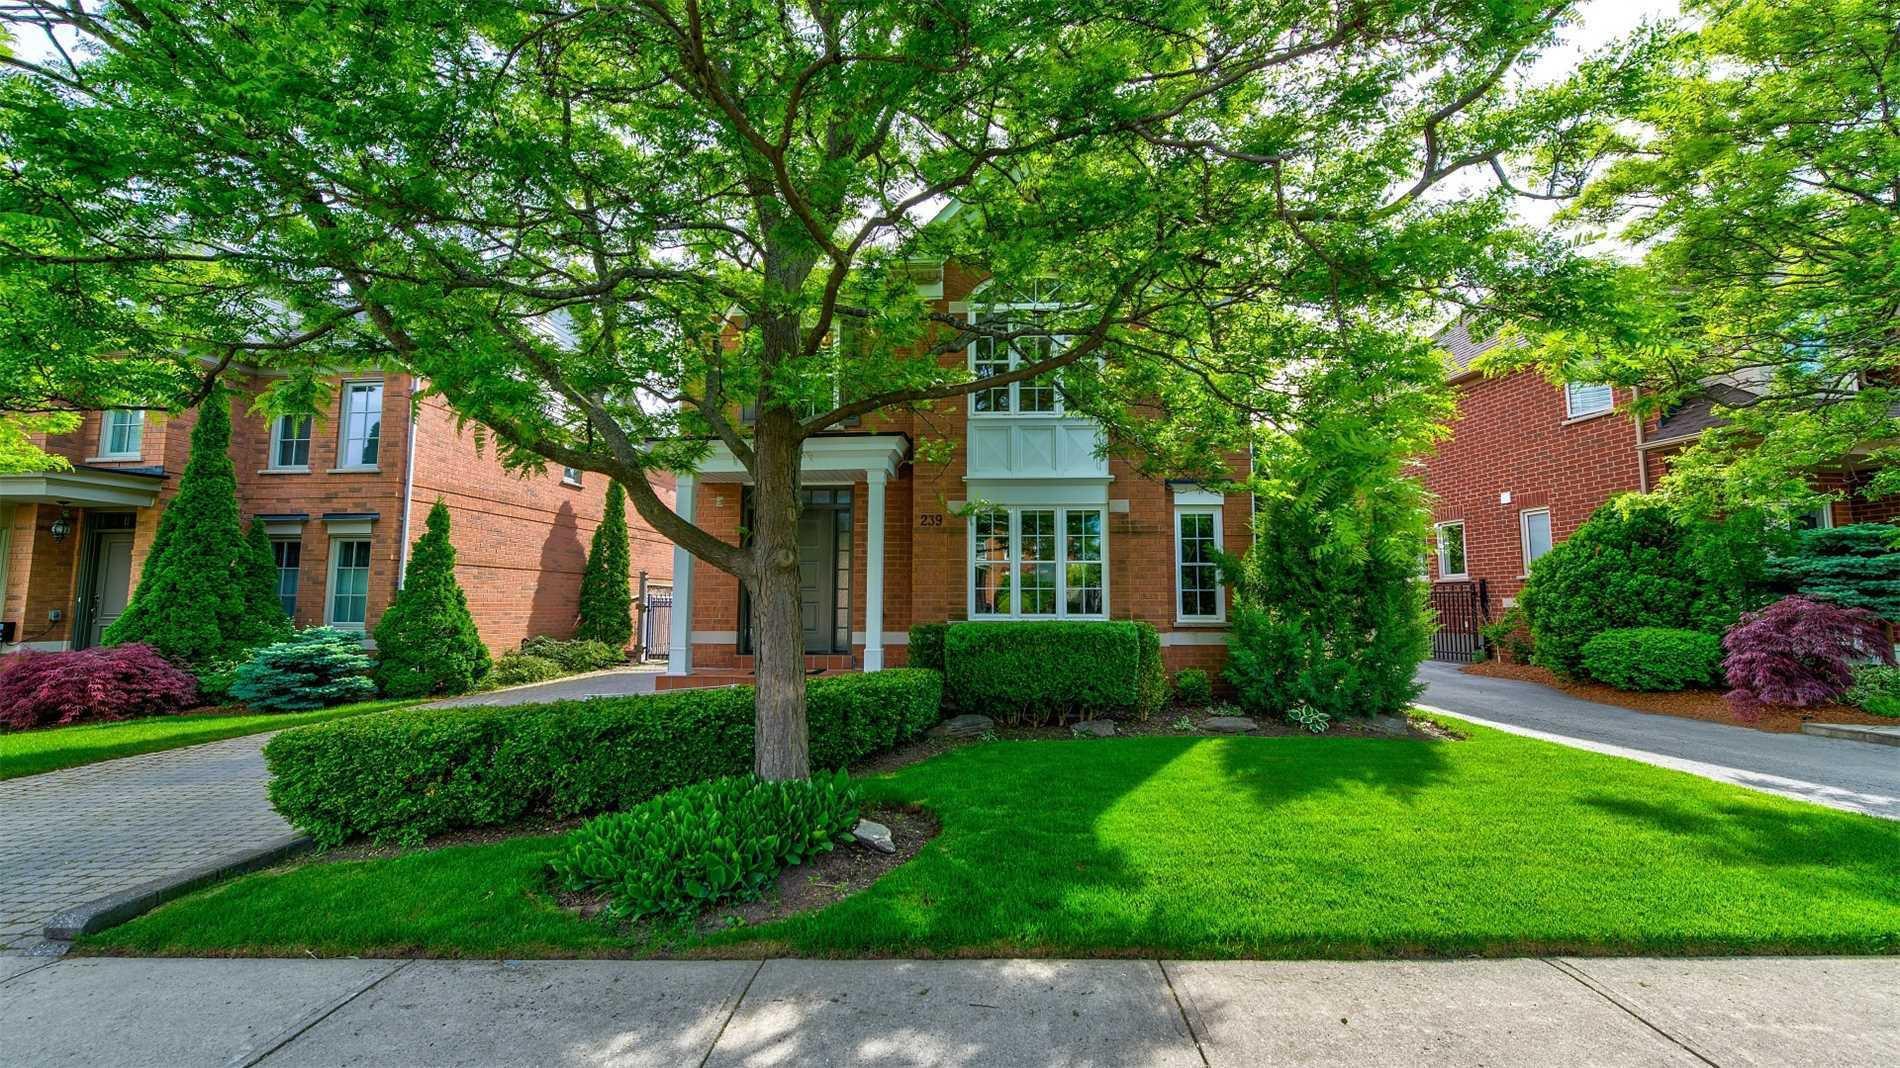 Main Photo: 239 Westfield Trail in Oakville: River Oaks House (2-Storey) for sale : MLS®# W4489929